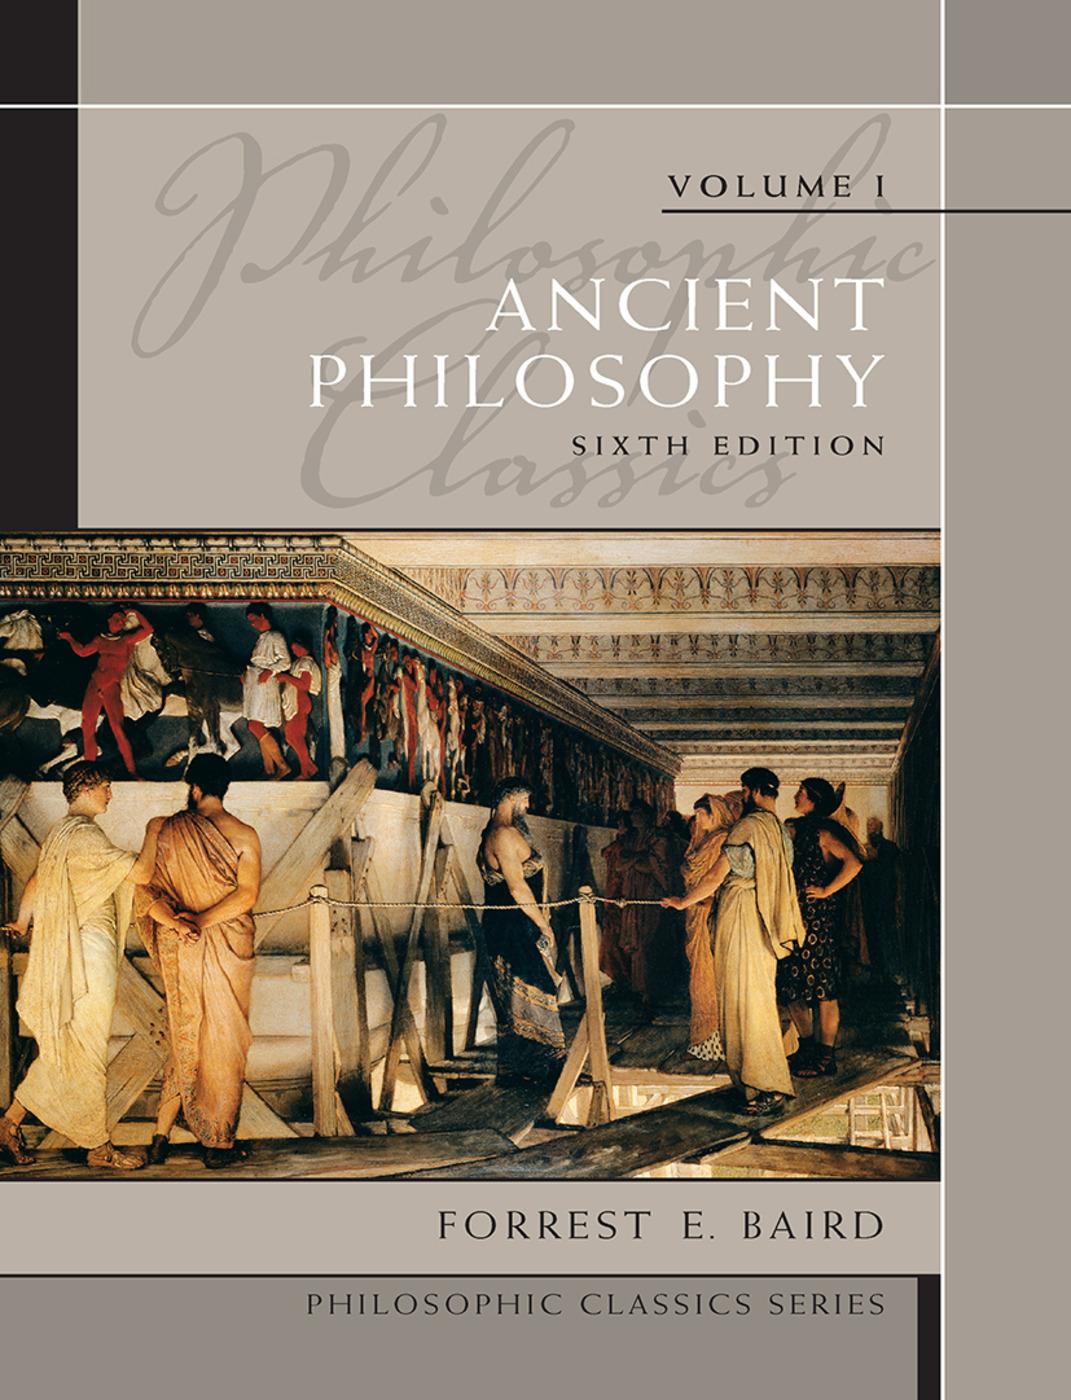 Philosophic Classics (Paperback) book cover